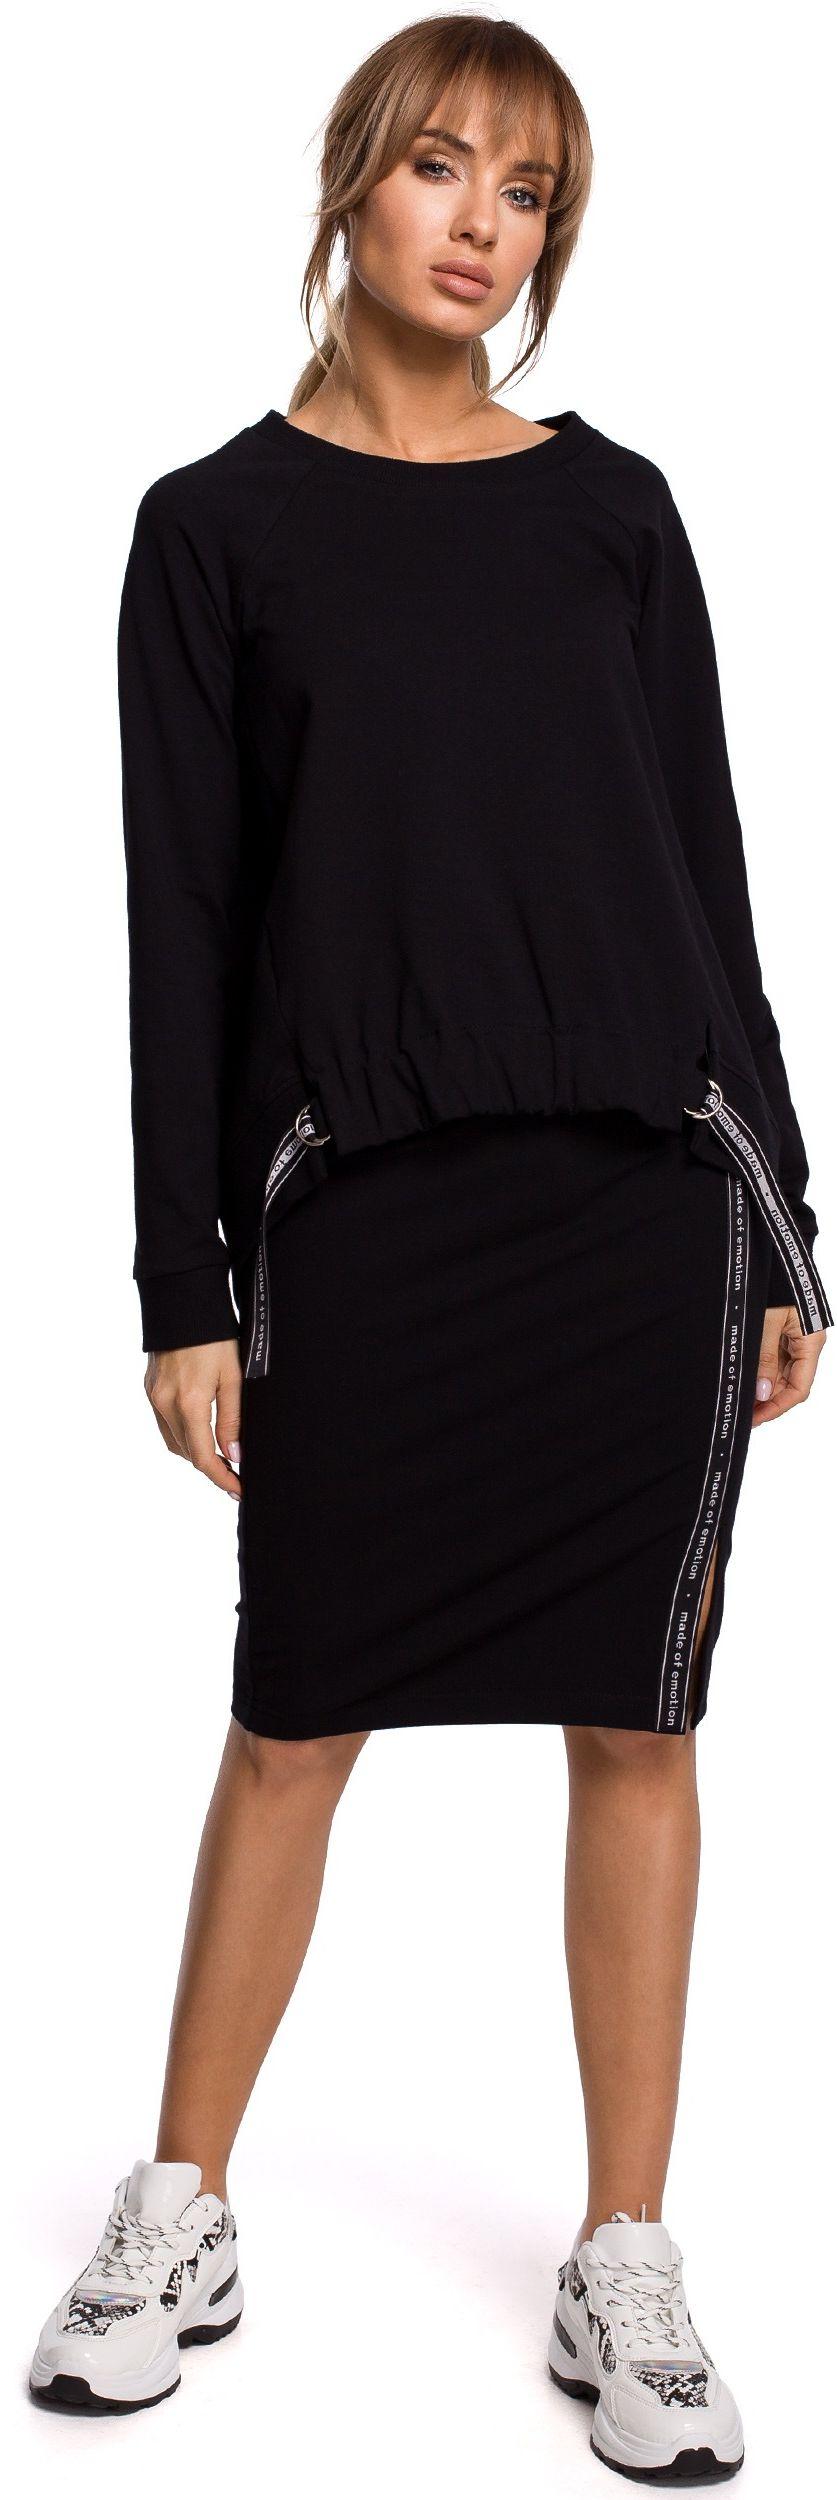 Ołówkowa spódnica dzianinowa z lampasem - czarna